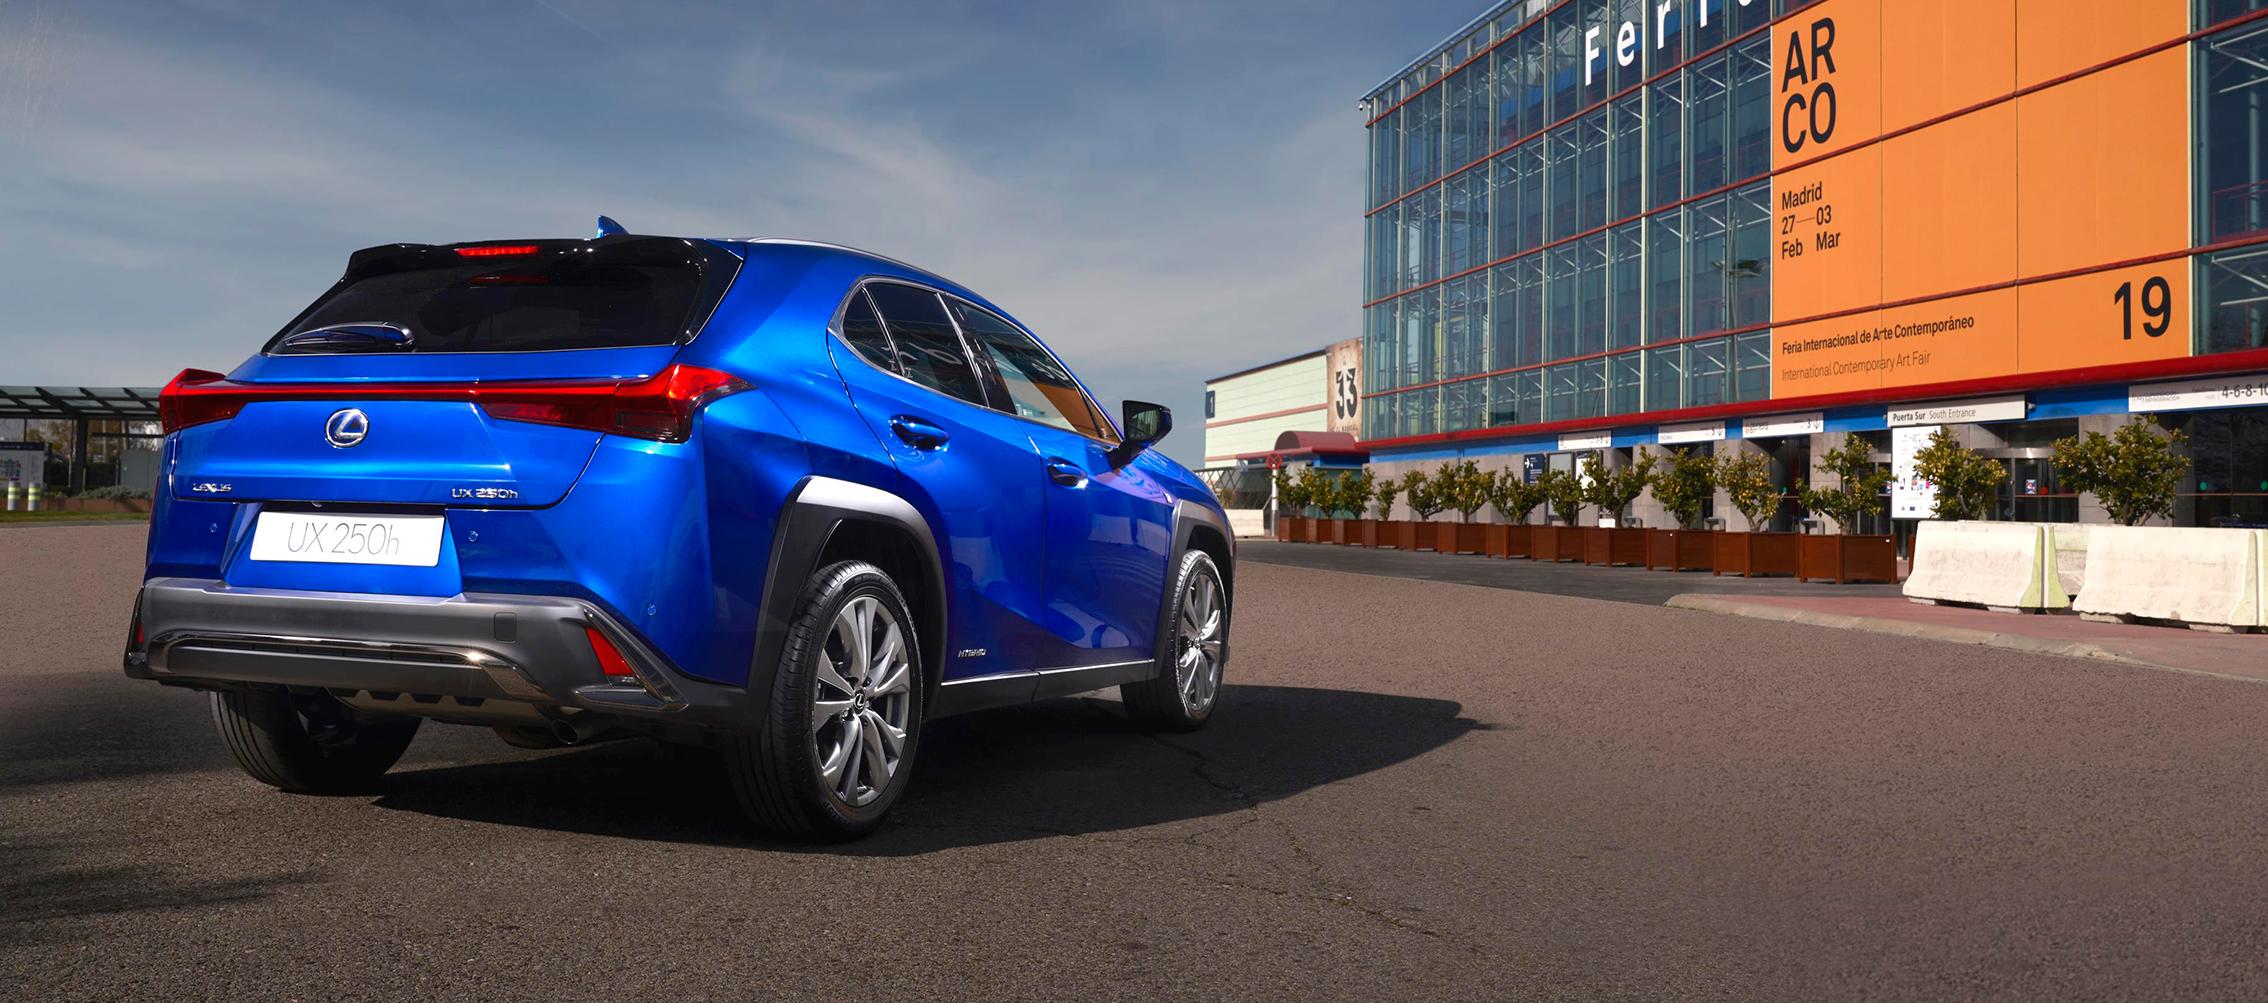 Lexus España lanza el concurso de diseño Lexus Art Car